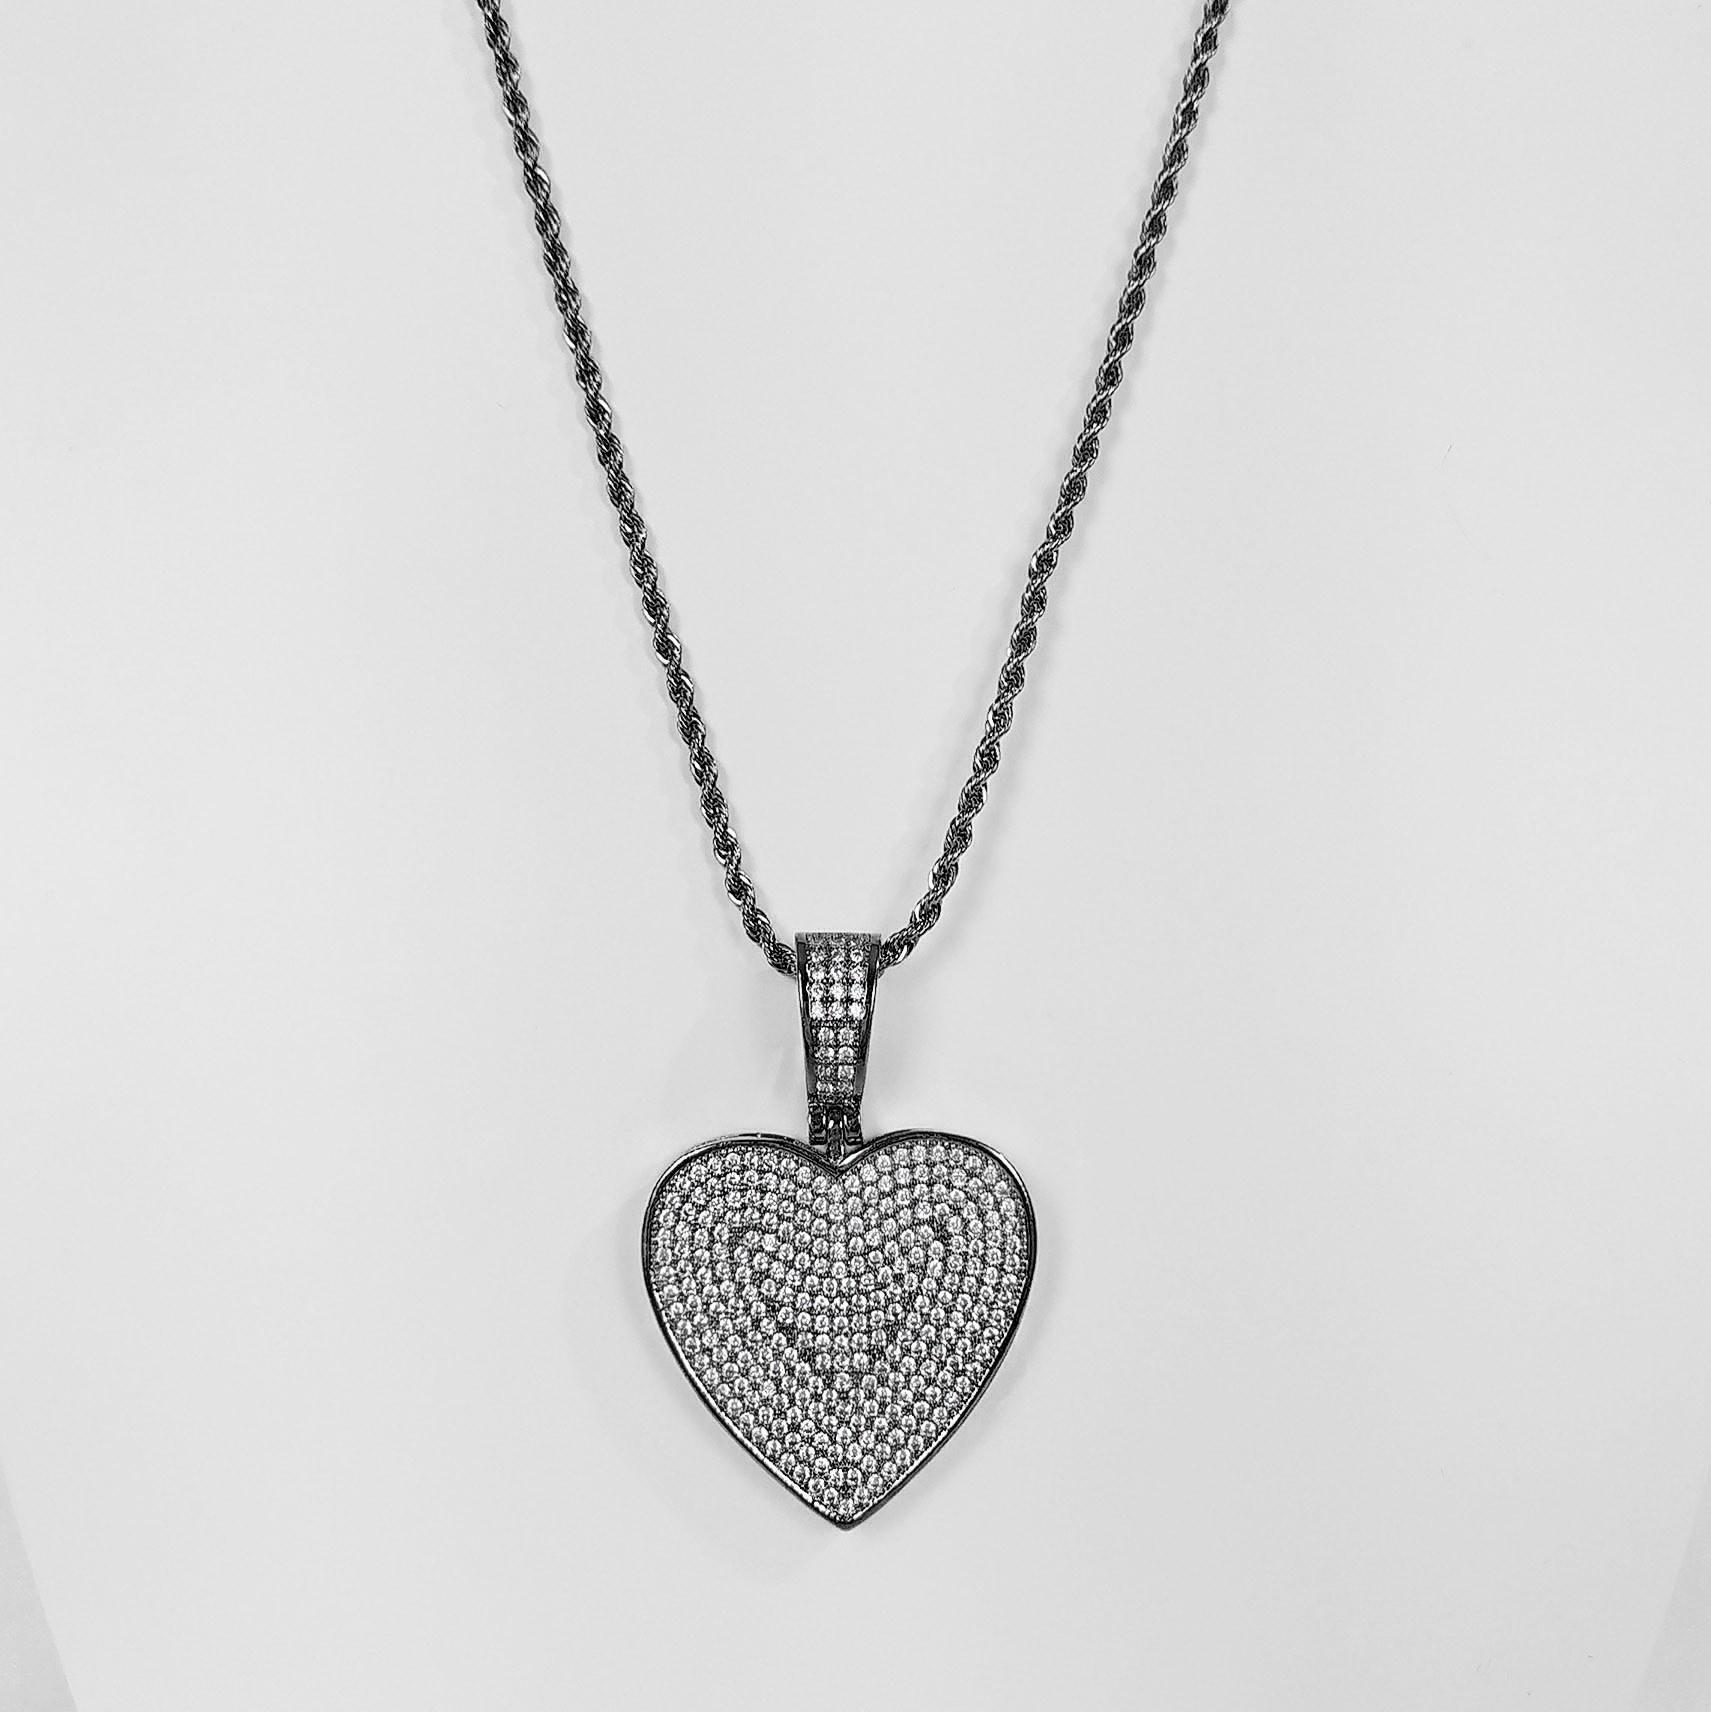 Colar 45 cm Coração Luxo Cravejado Banho Ródio Negro  - Lunozê Joias